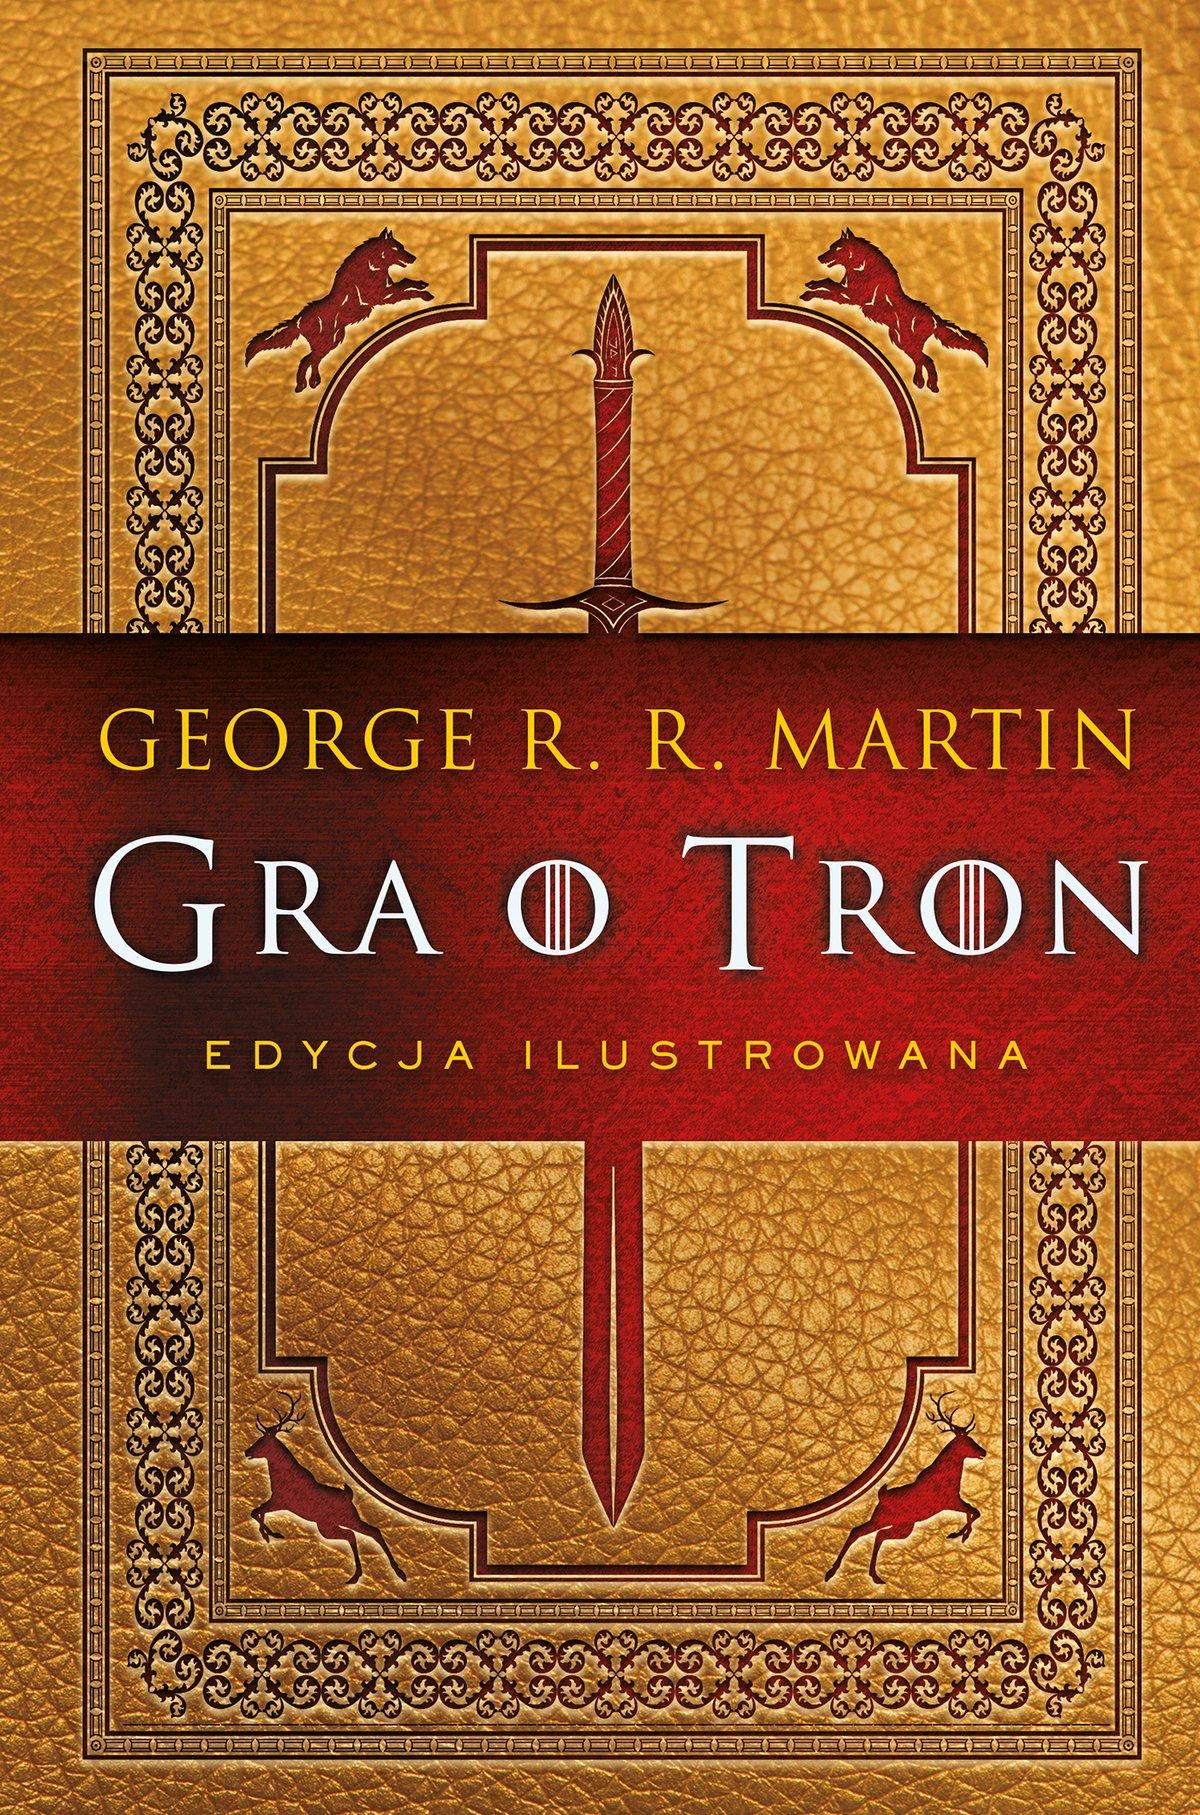 Gra o tron (edycja ilustrowana) - Ebook (Książka EPUB) do pobrania w formacie EPUB